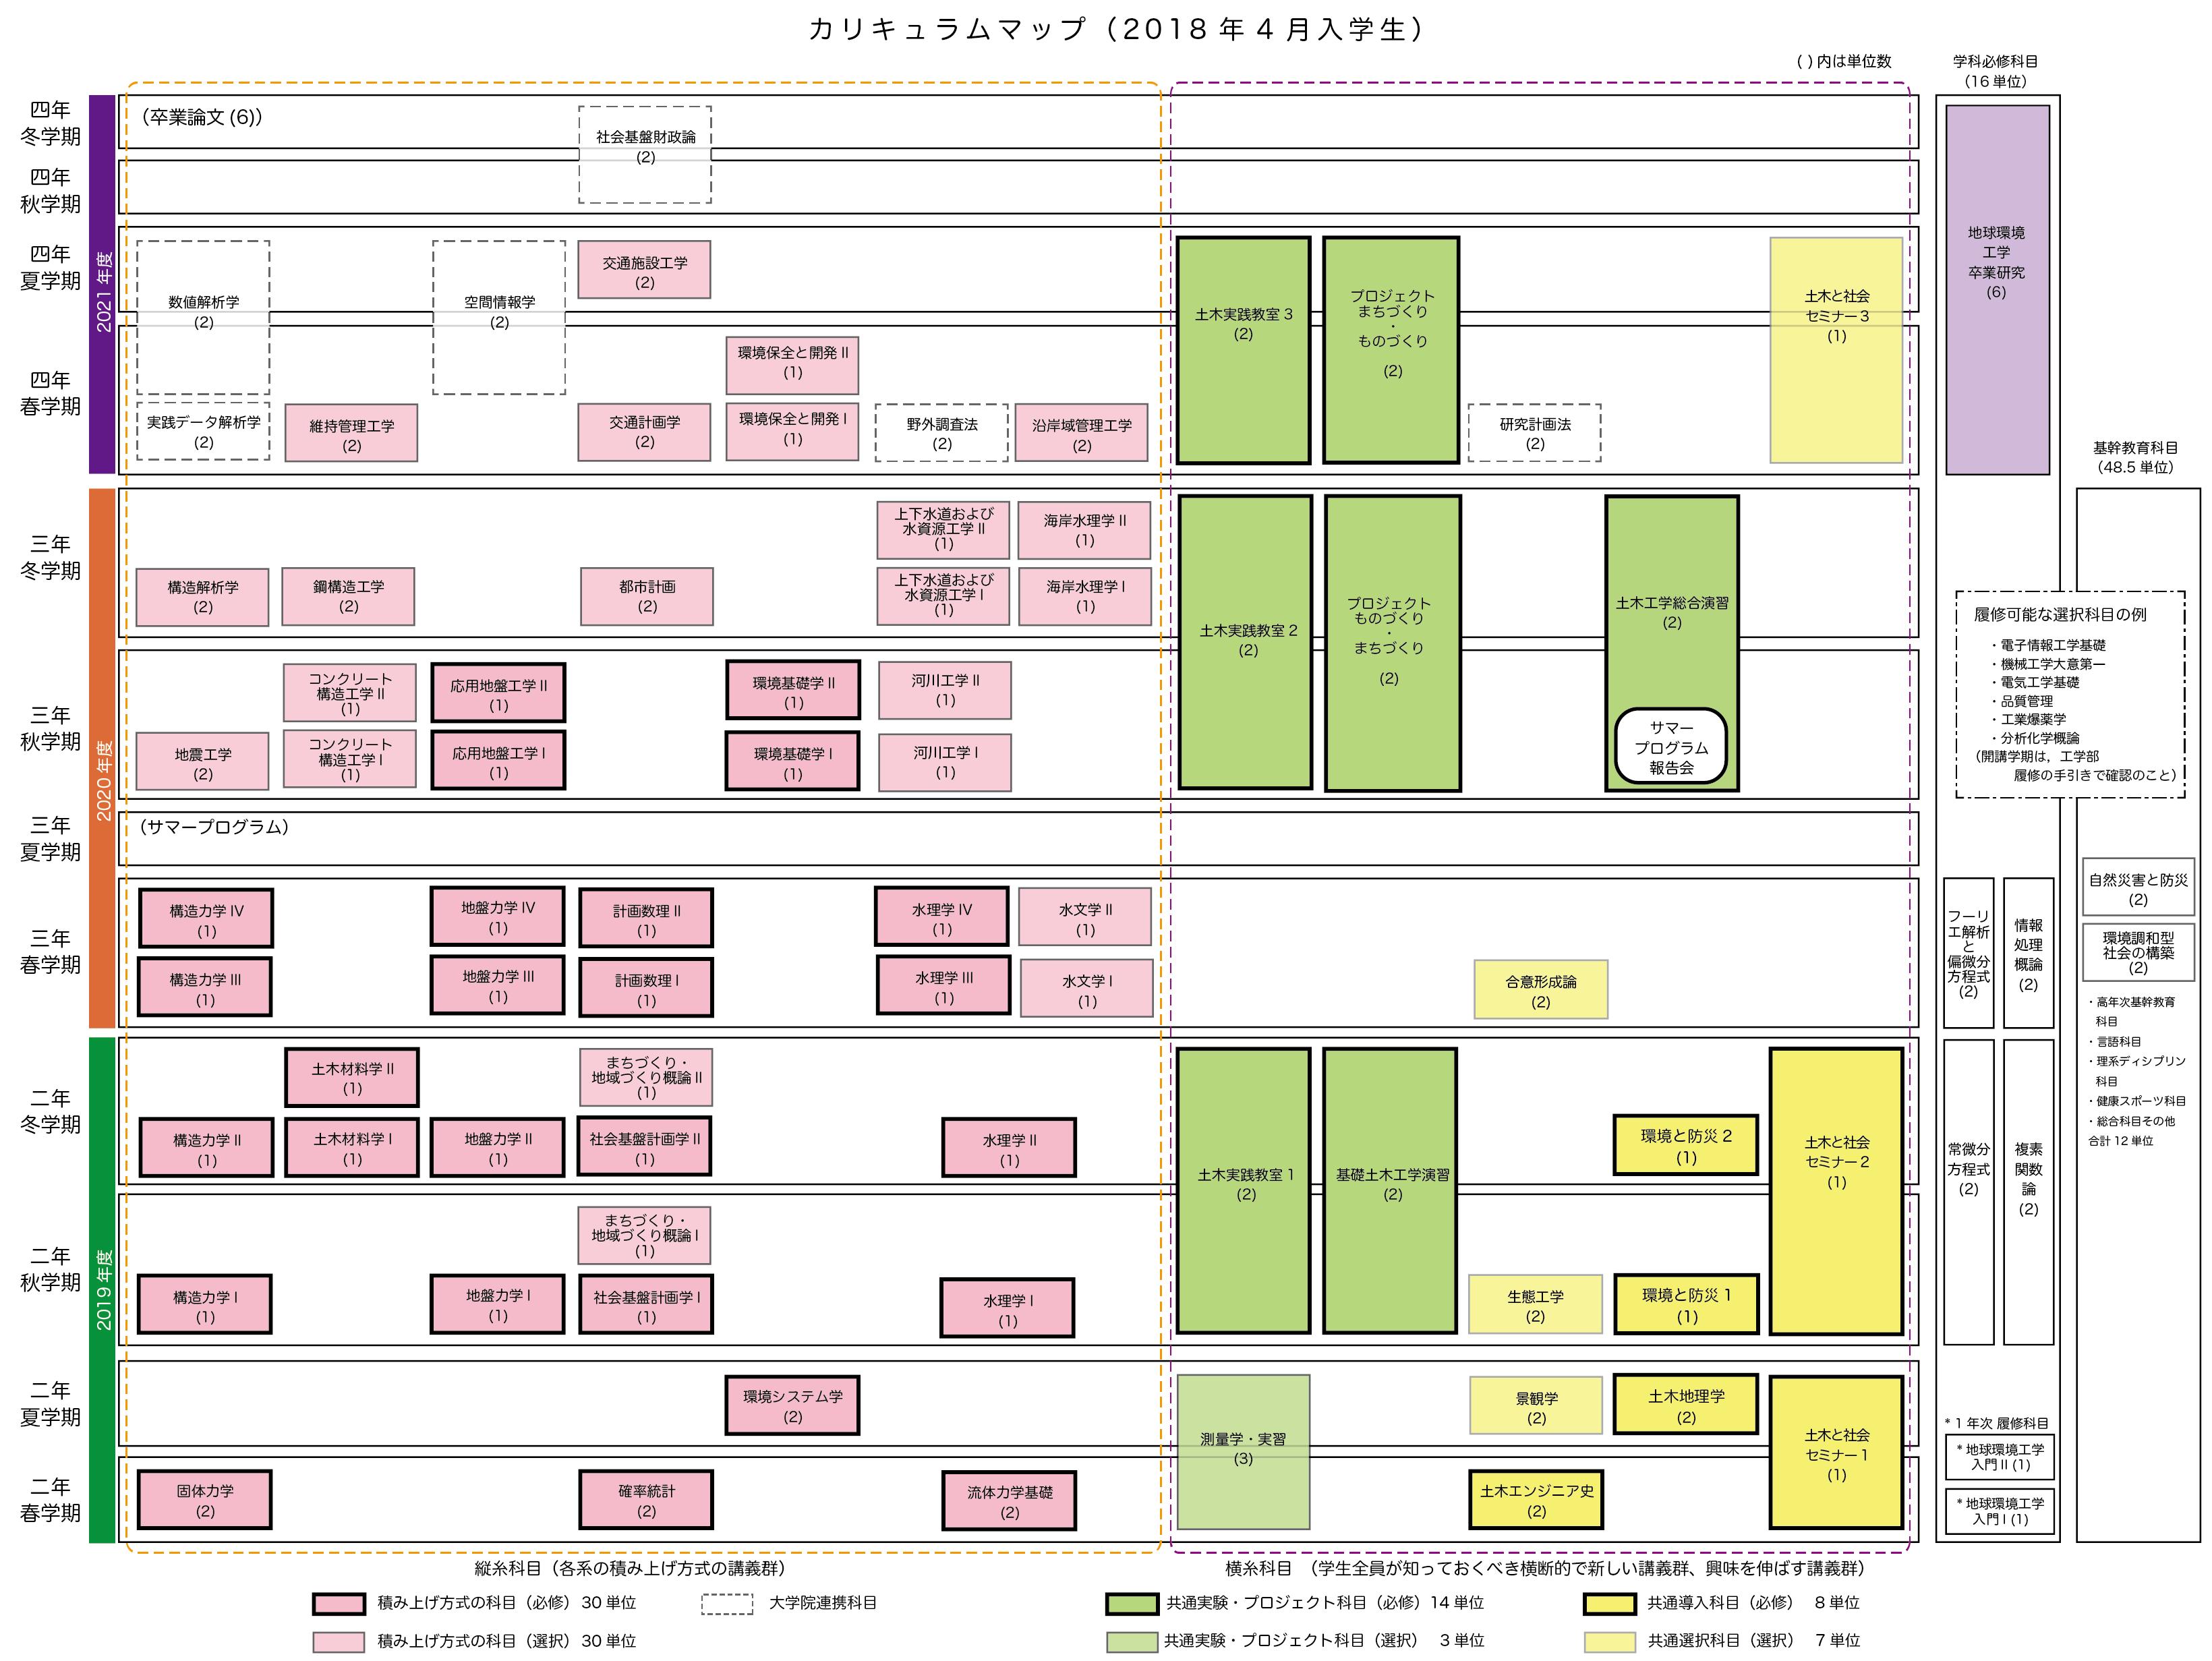 カリキュラムマップ(2018年4月入学生用)